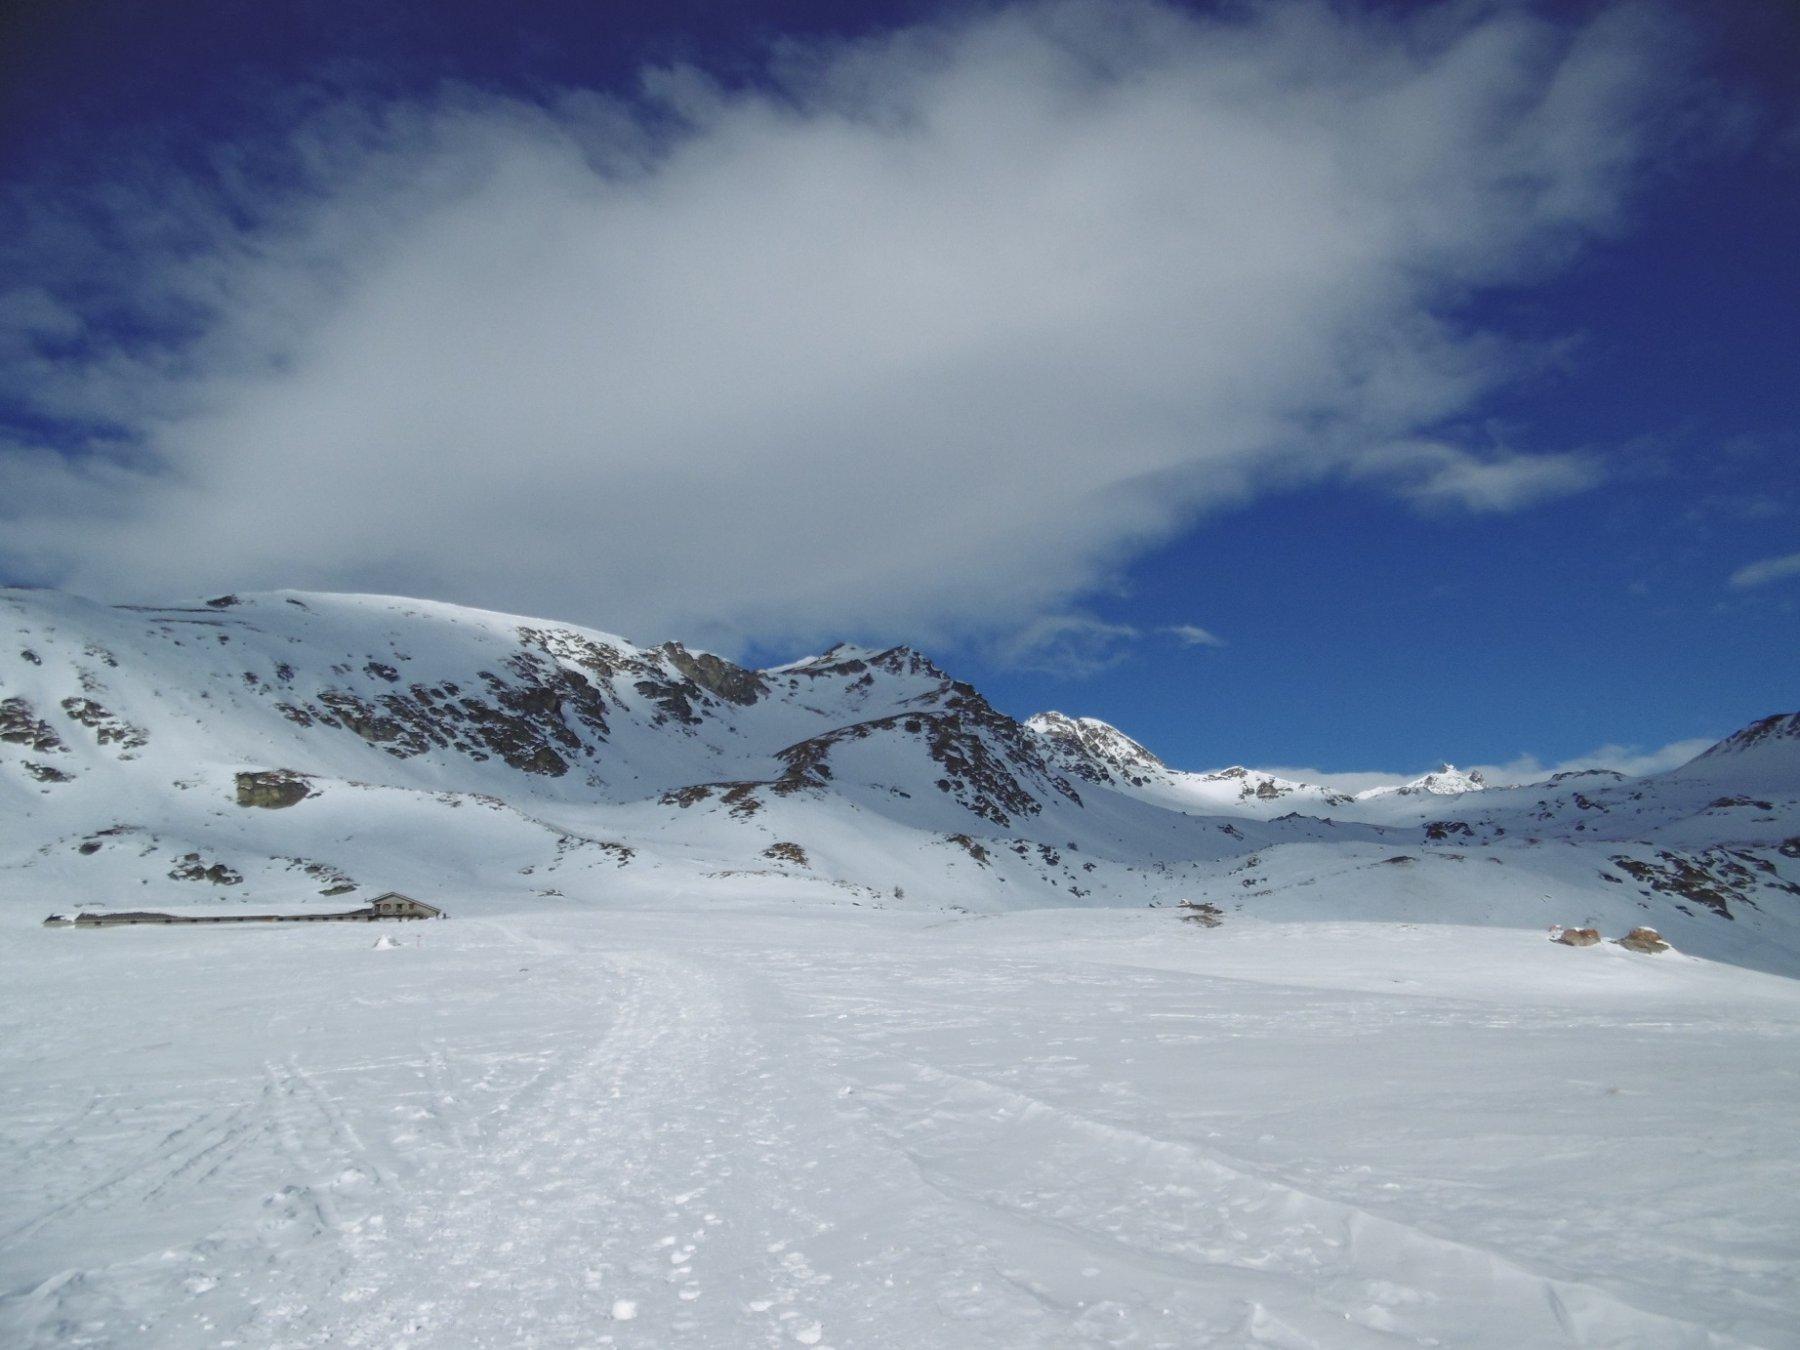 Le condizioni oggi all'altezza dell'alpe Tsa Fontaney...